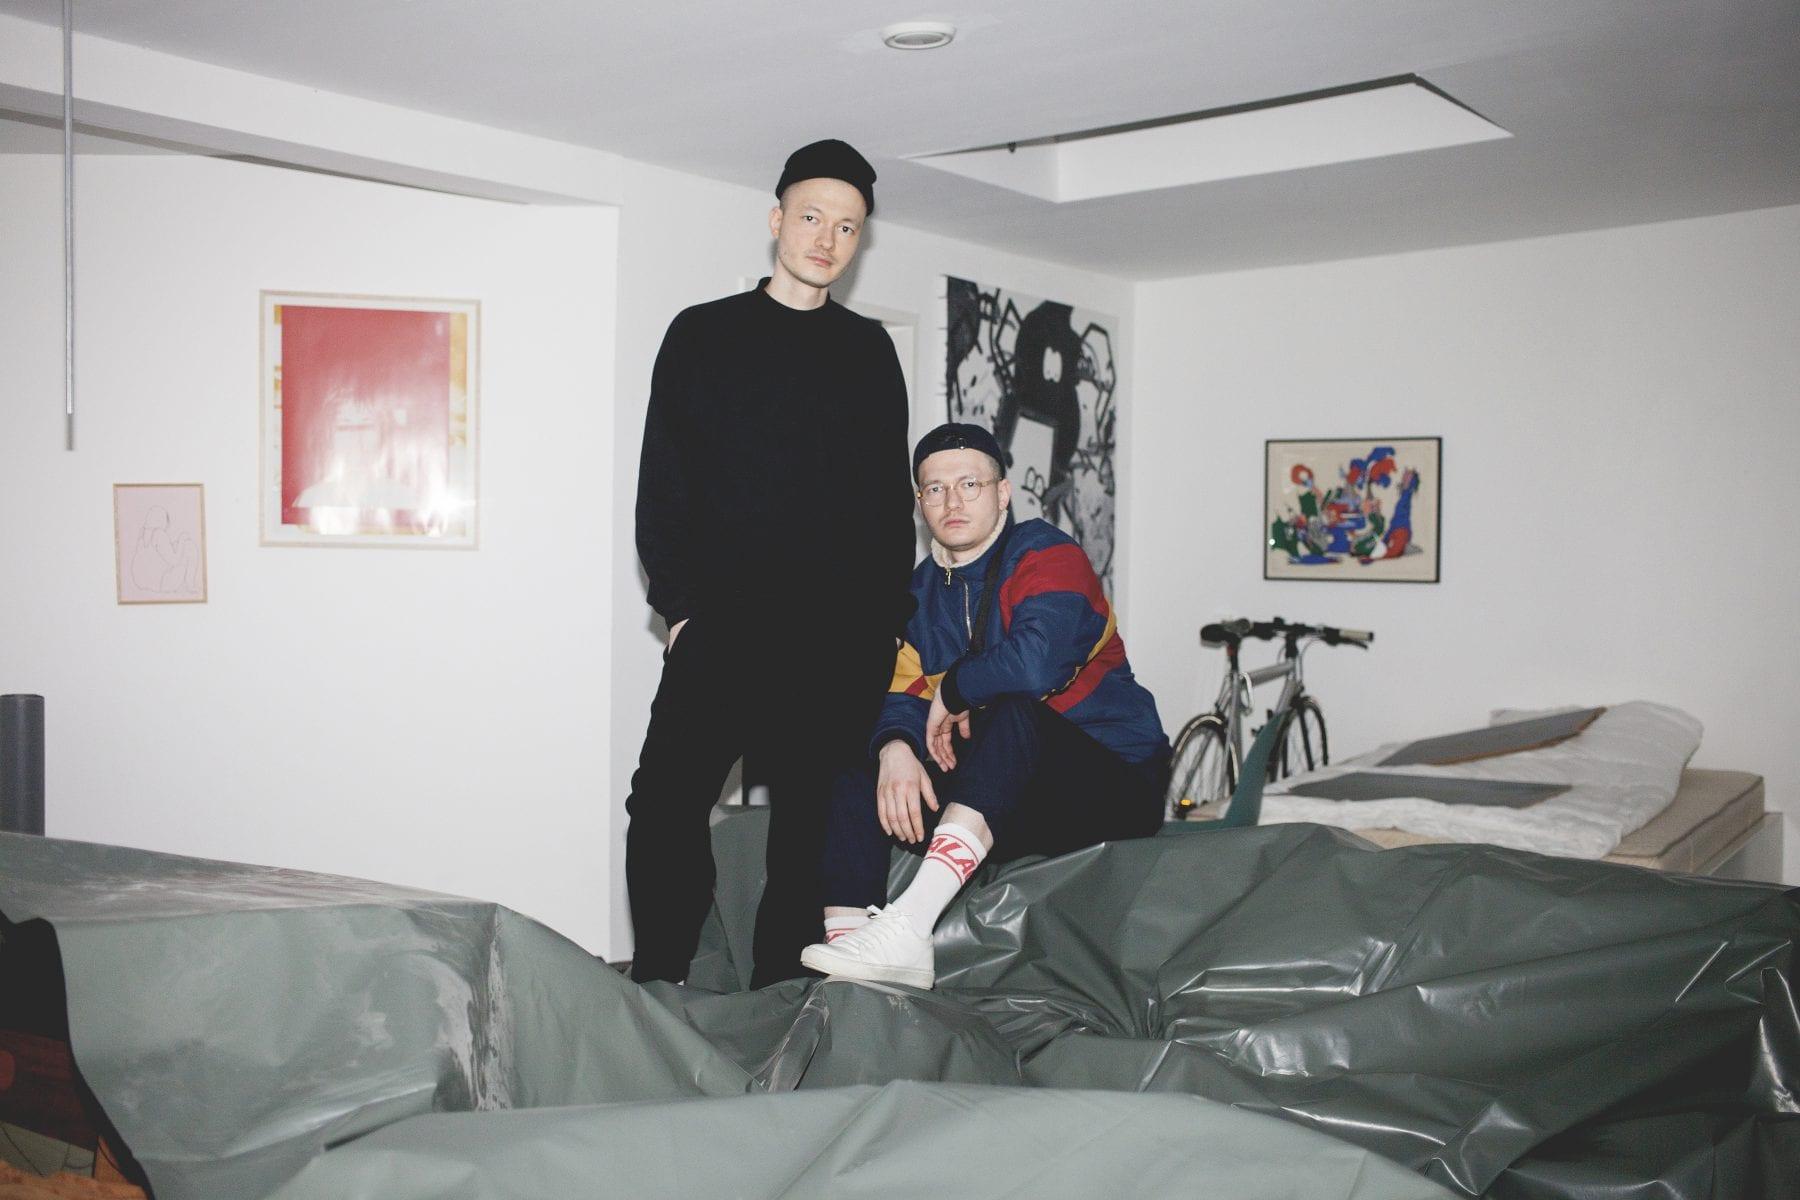 Weicker Bros